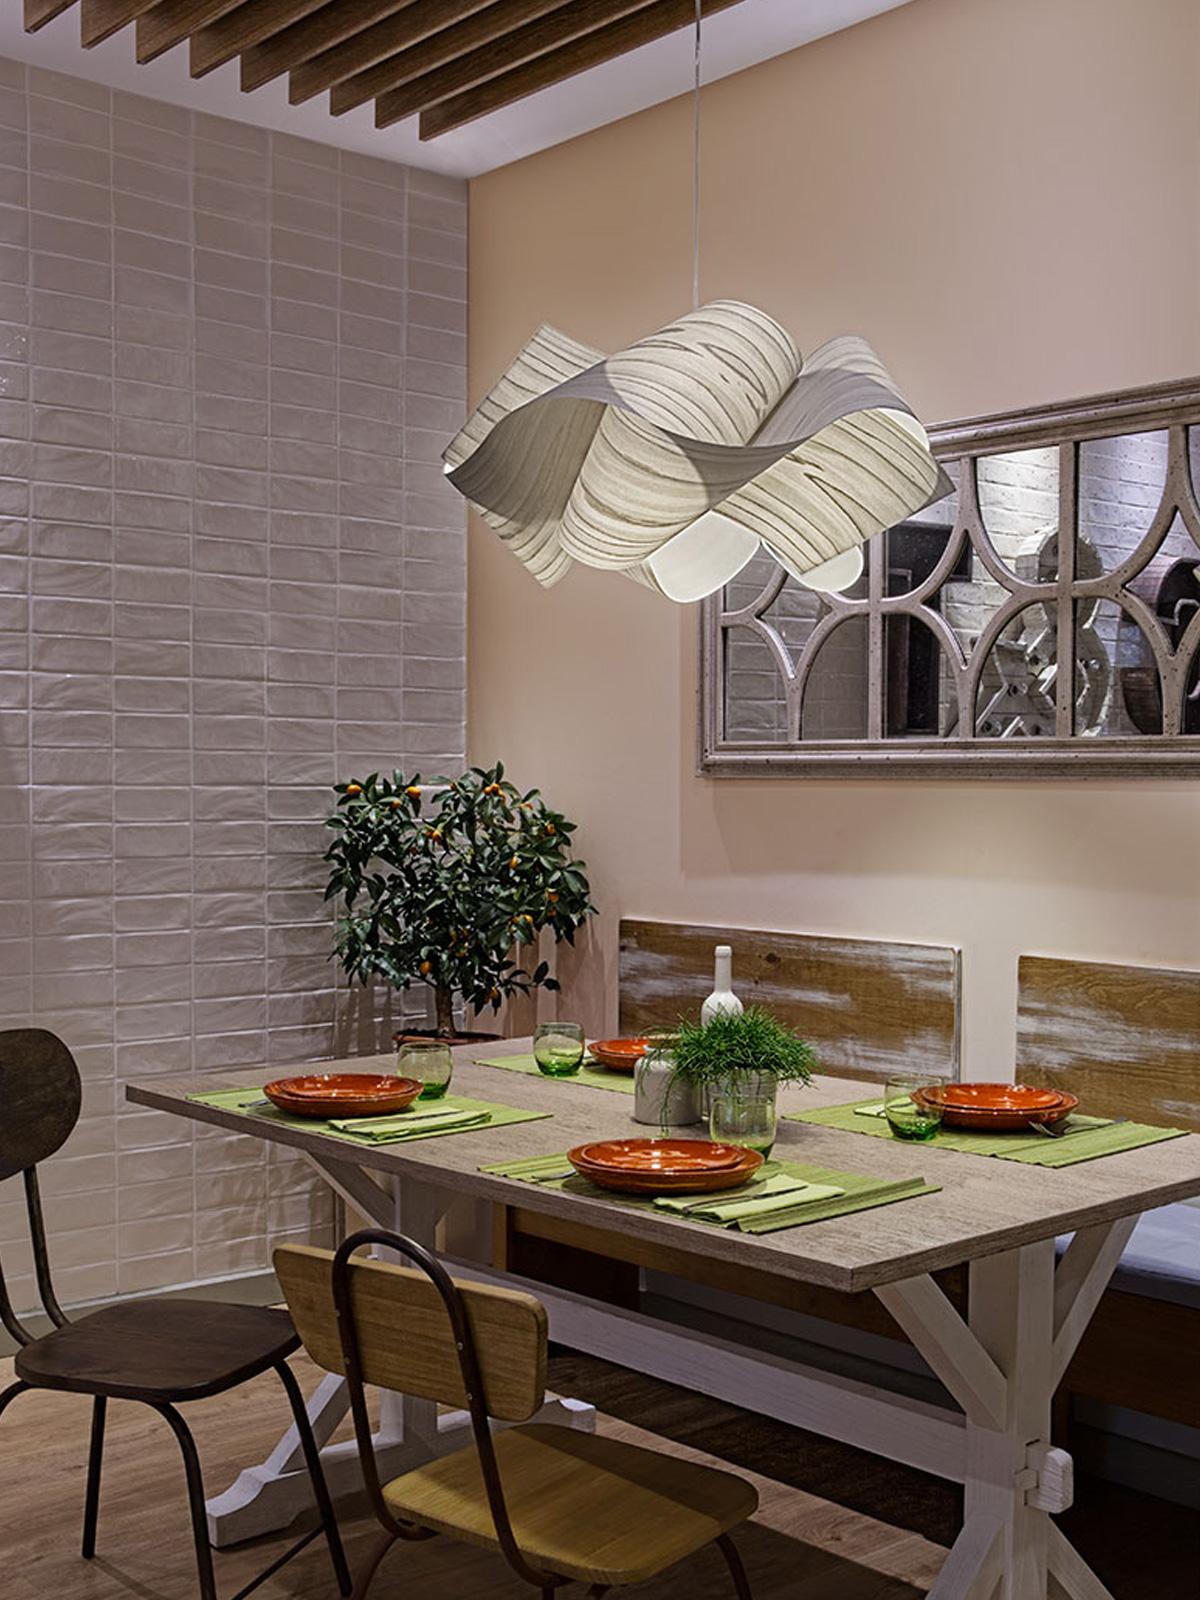 Full Size of Küchenlampen Swirl Sp Designortcom Wohnzimmer Küchenlampen